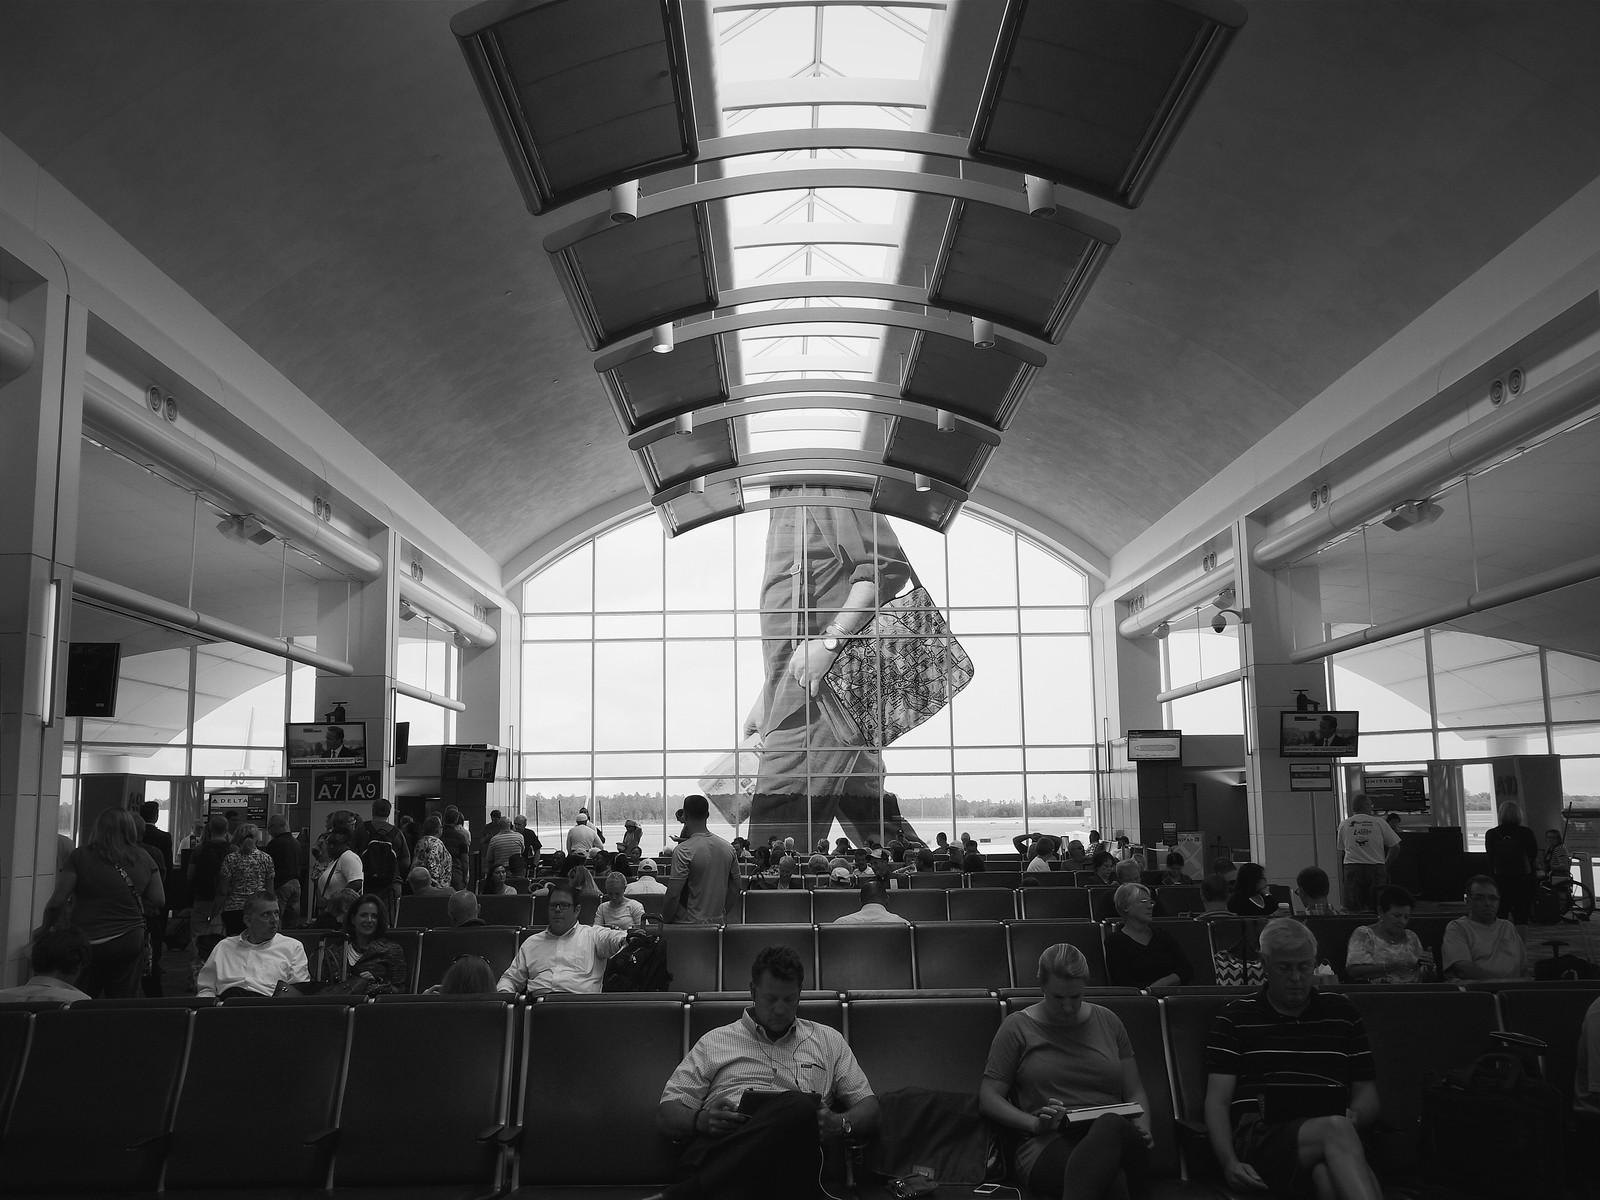 I'm traveling amongst giants. #Imagelogger